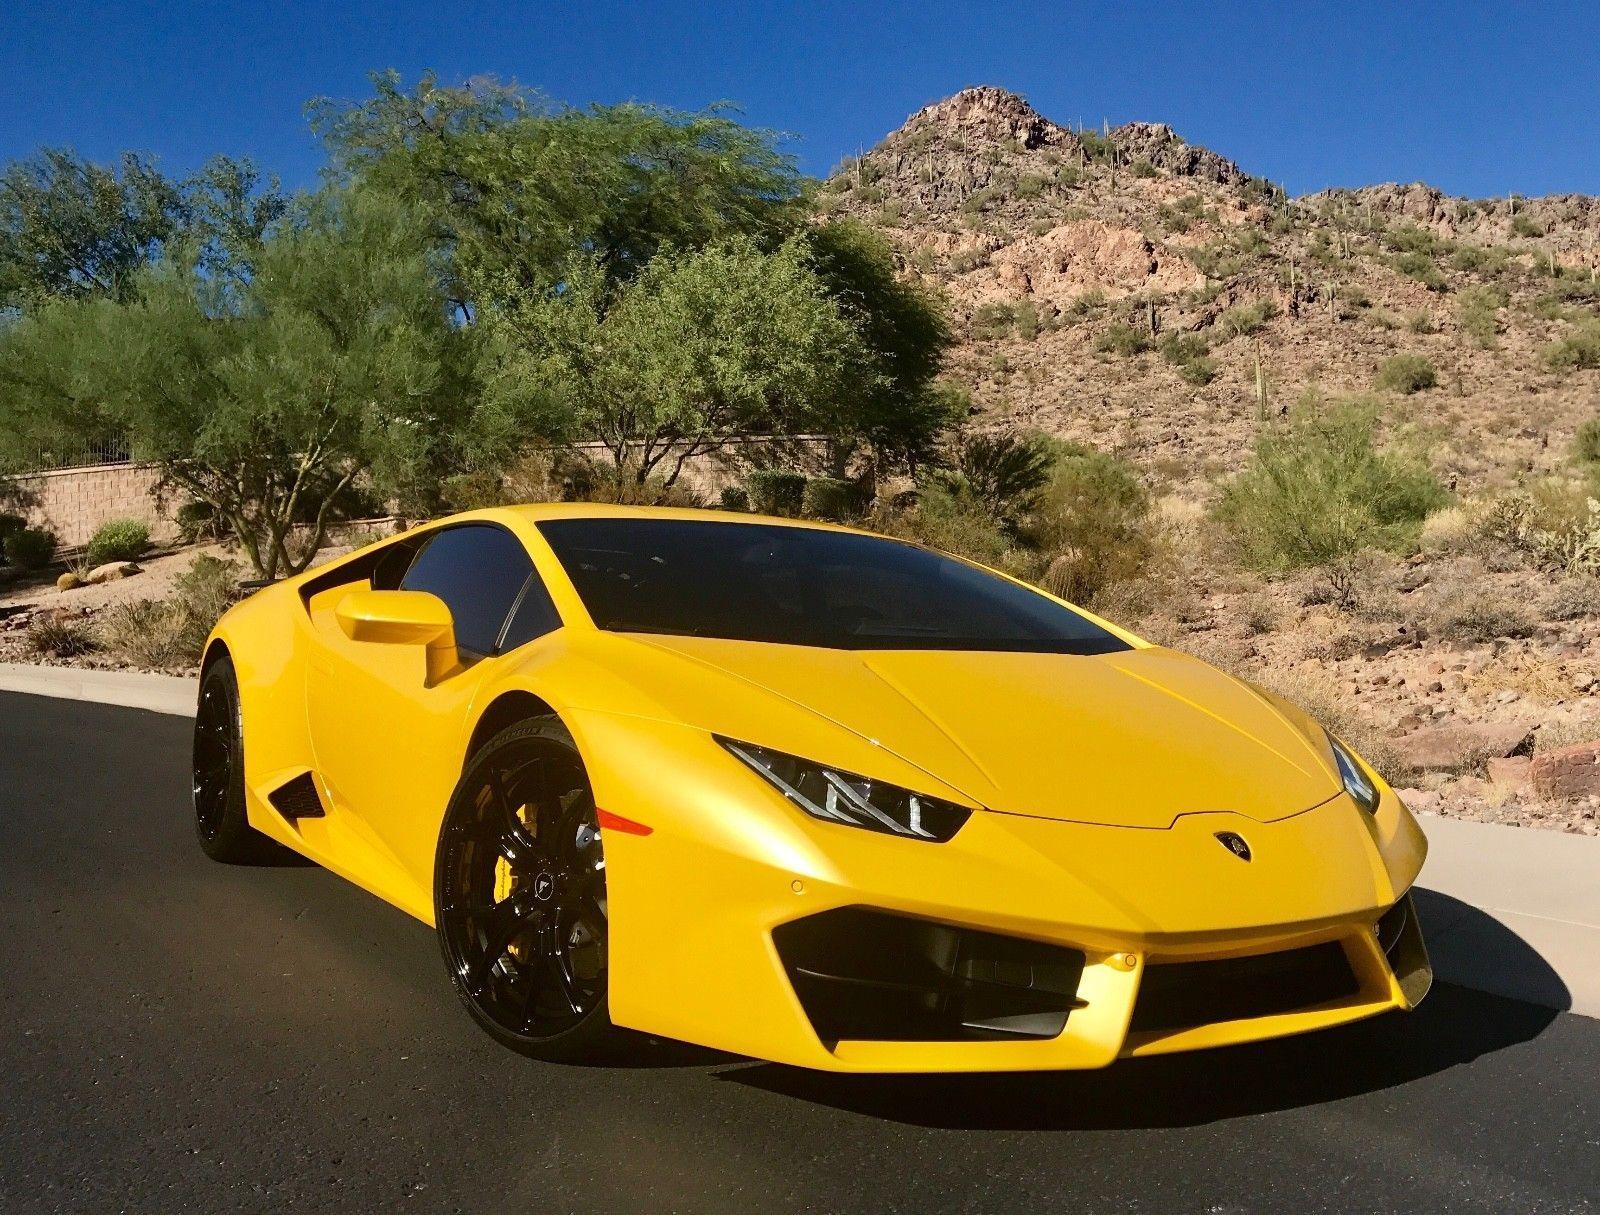 87c255b60877fe8411be4e1484312824 Elegant Lamborghini Huracan forza Horizon 2 Cars Trend